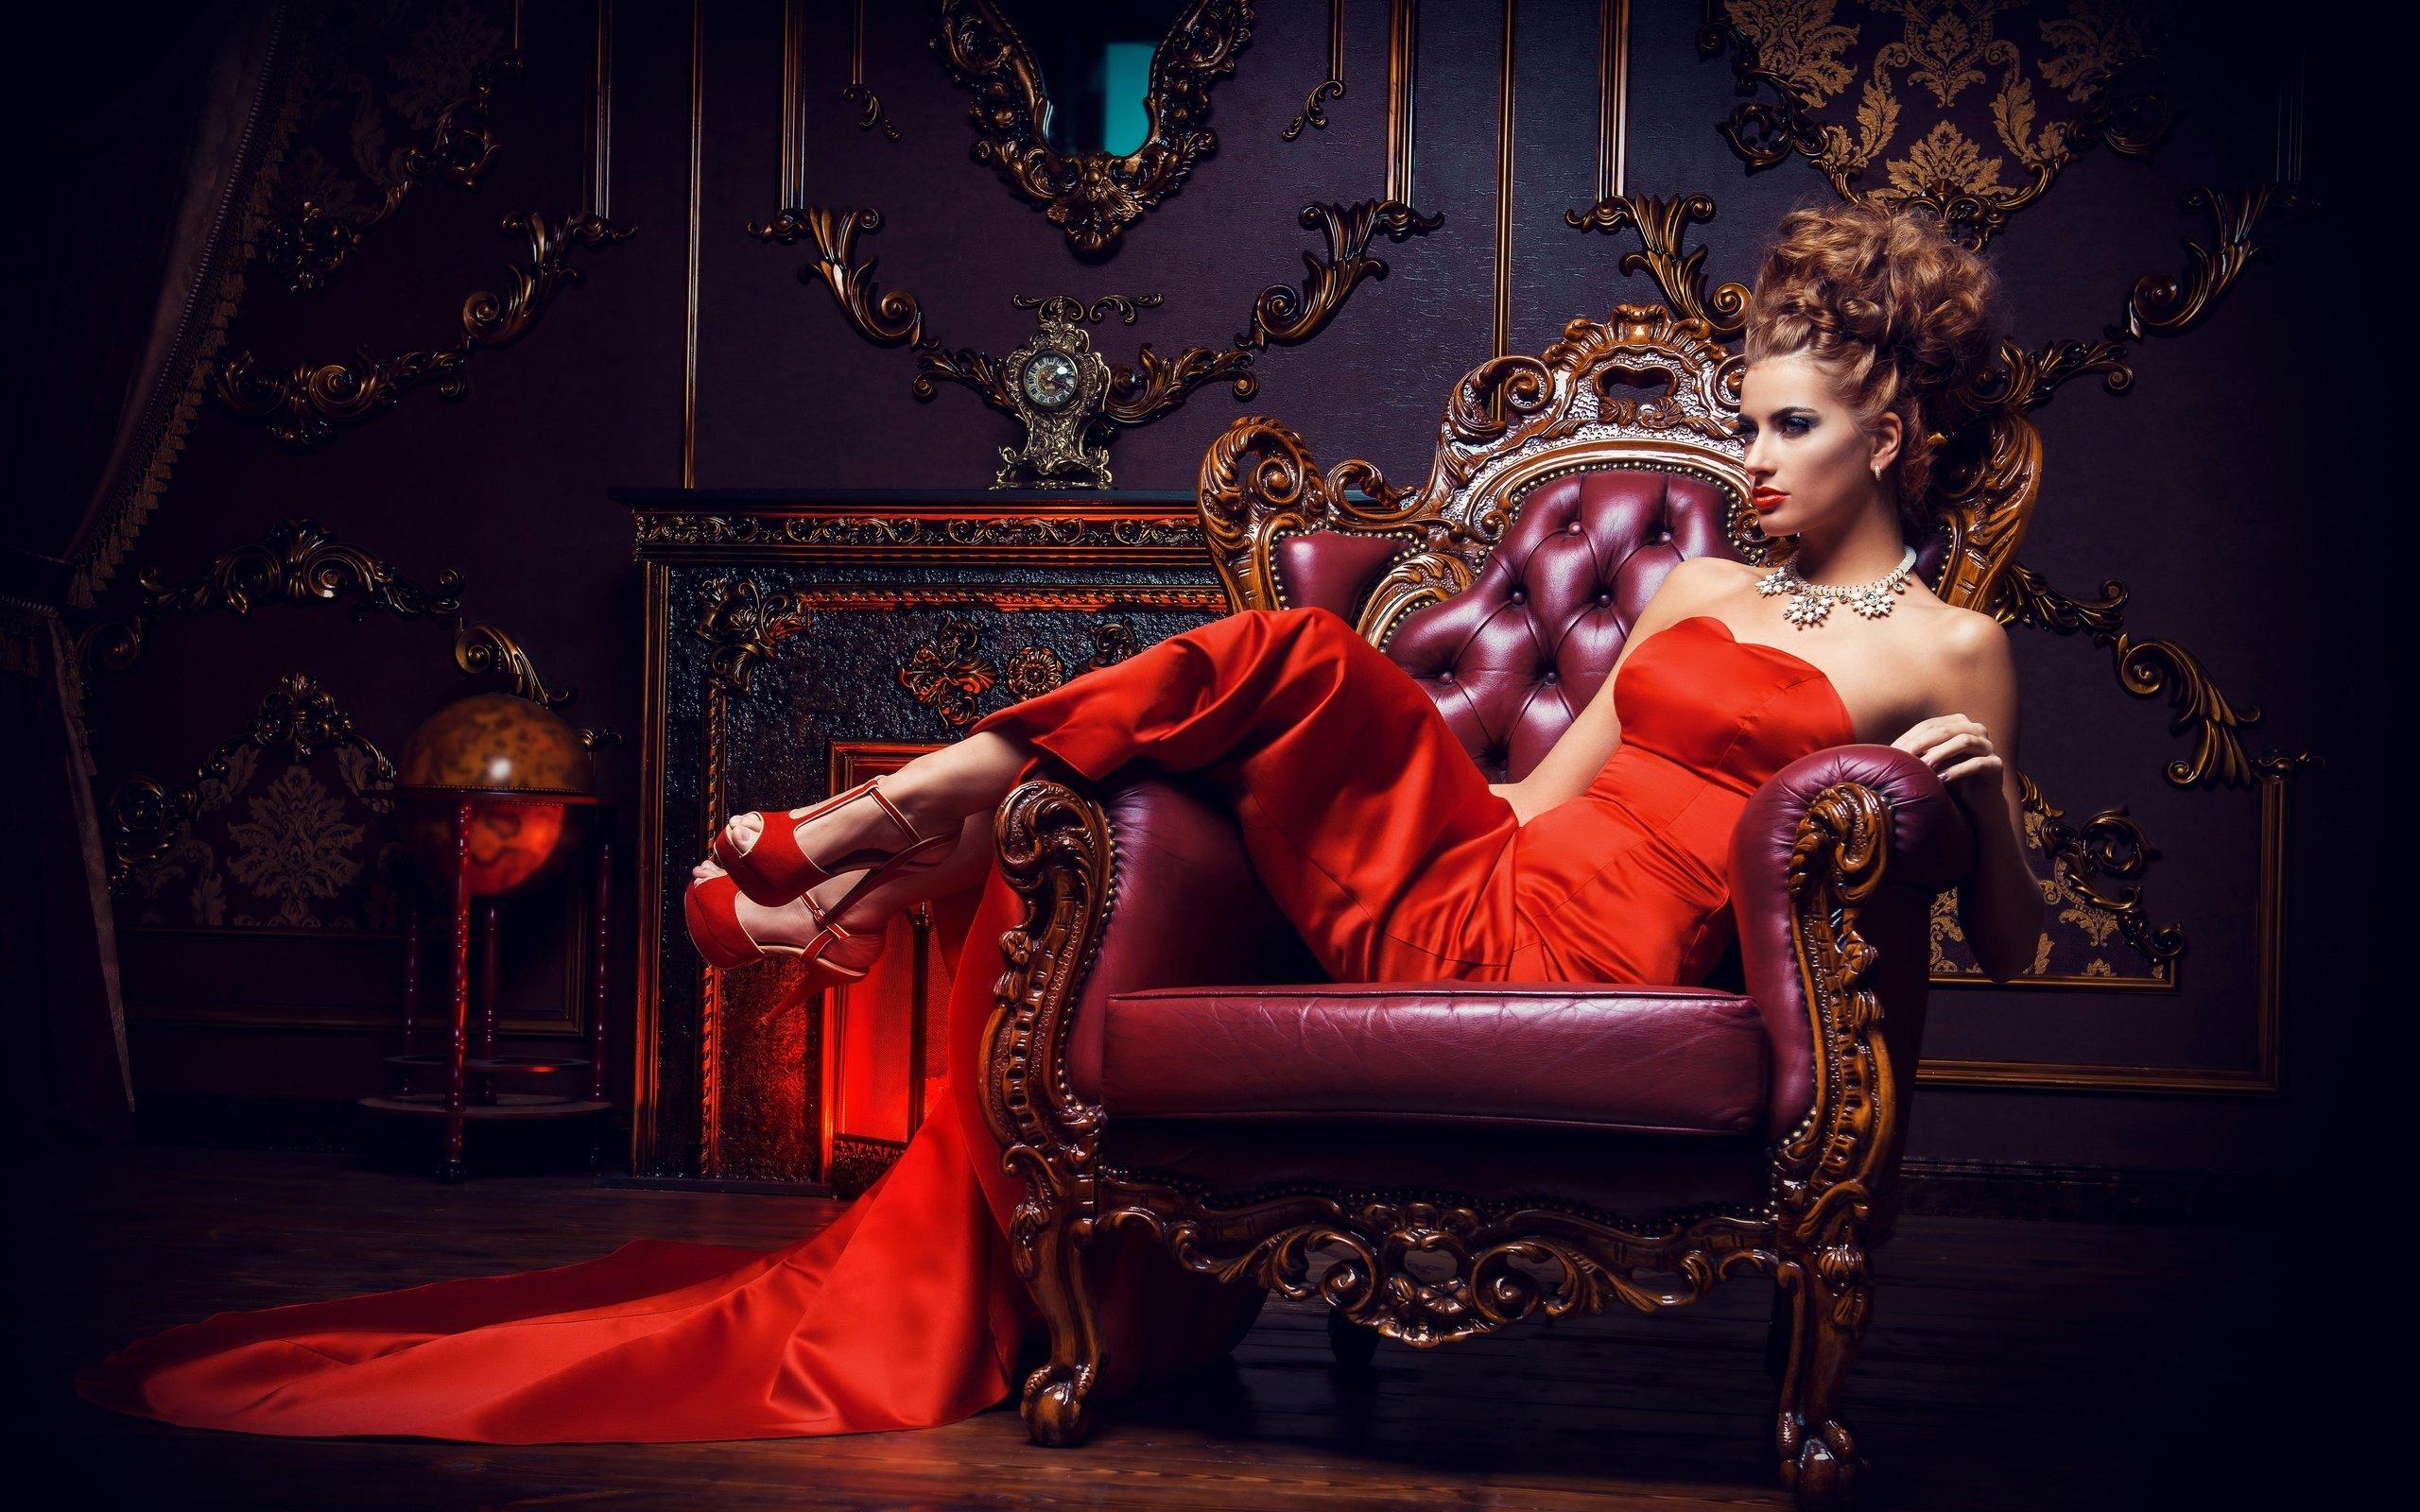 фото девушка в кресле